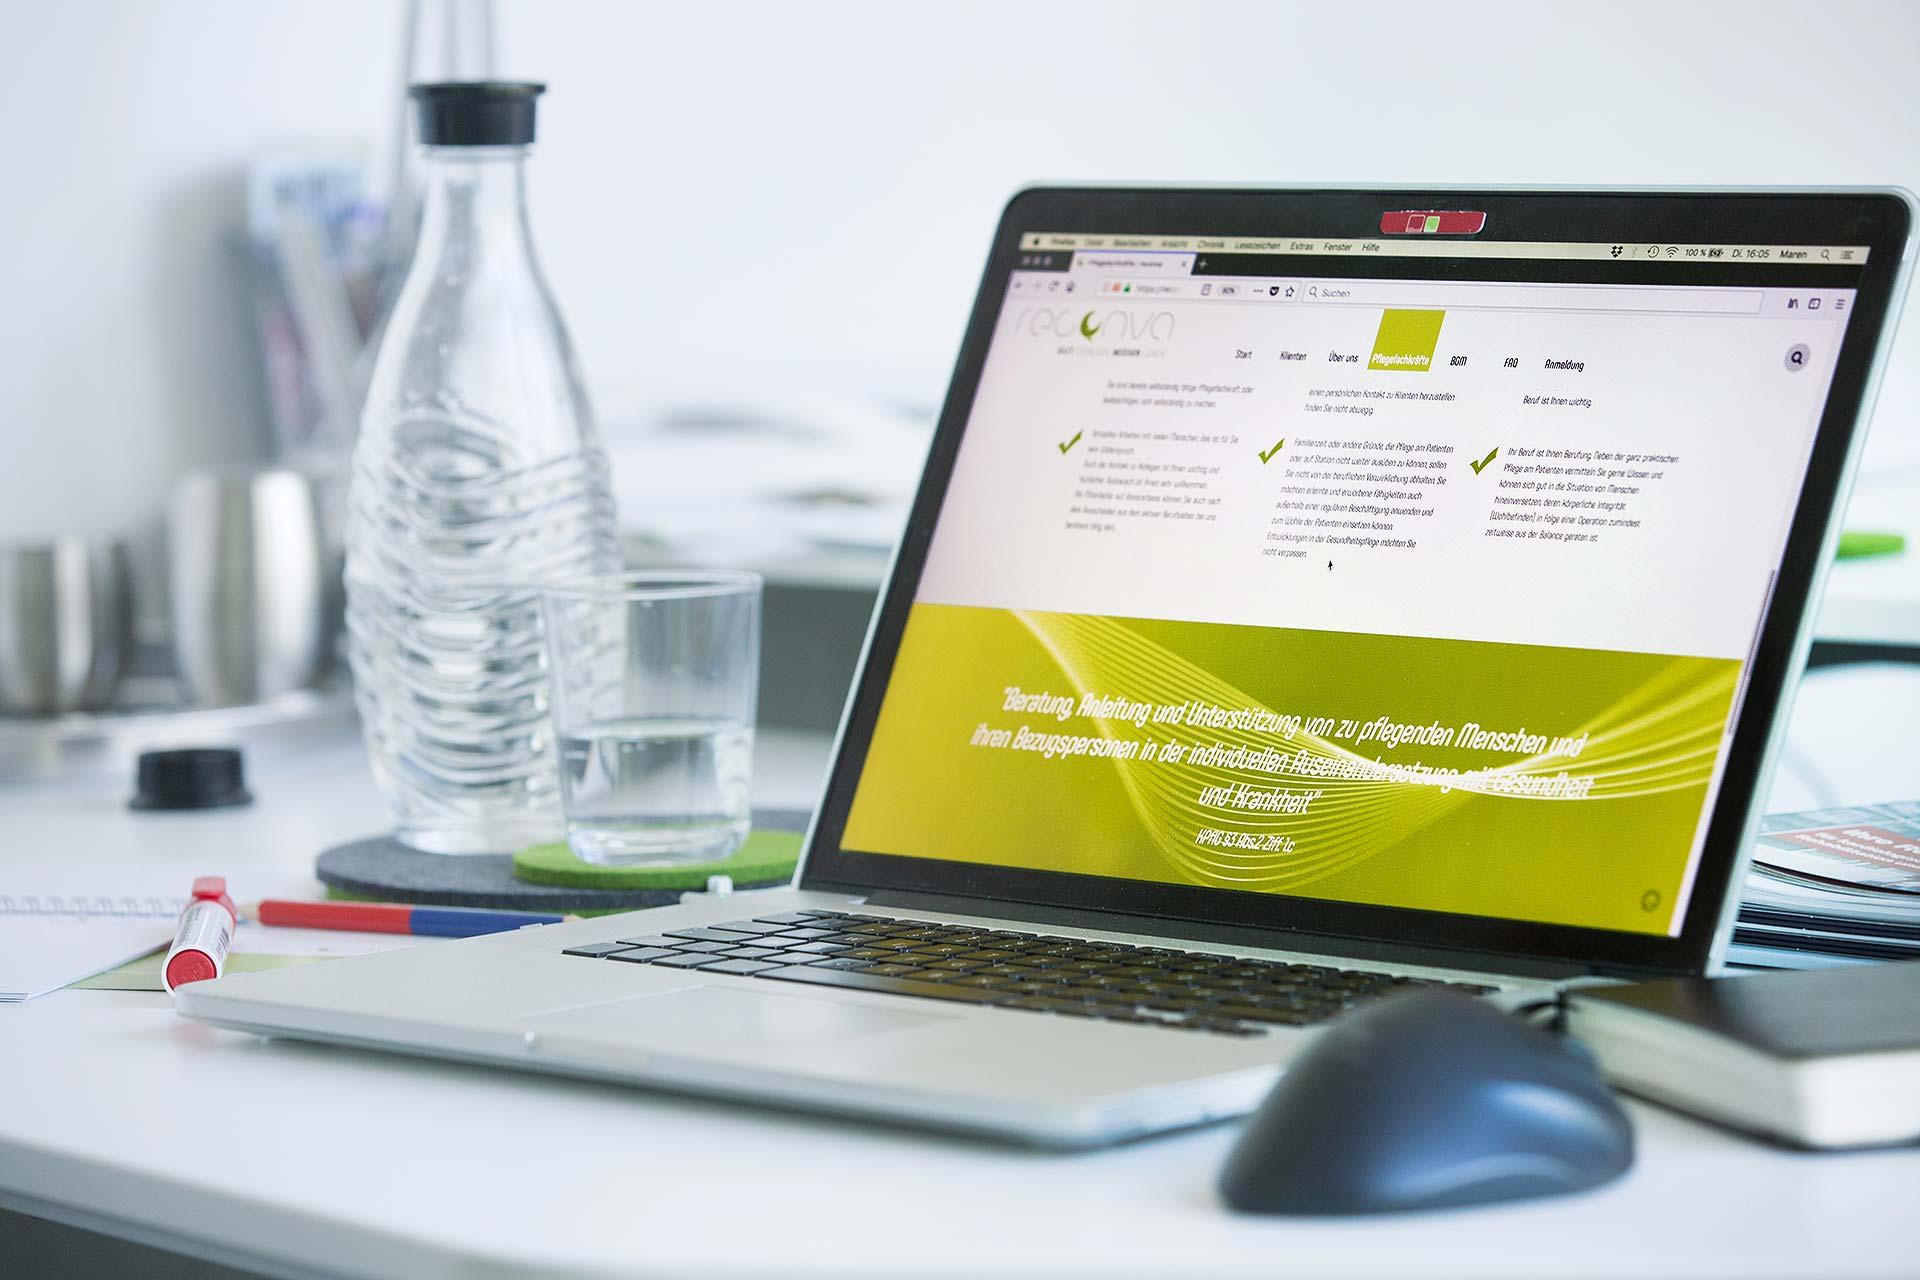 businessfotos-websitefotos-corporate-fotos-berlin-laptop